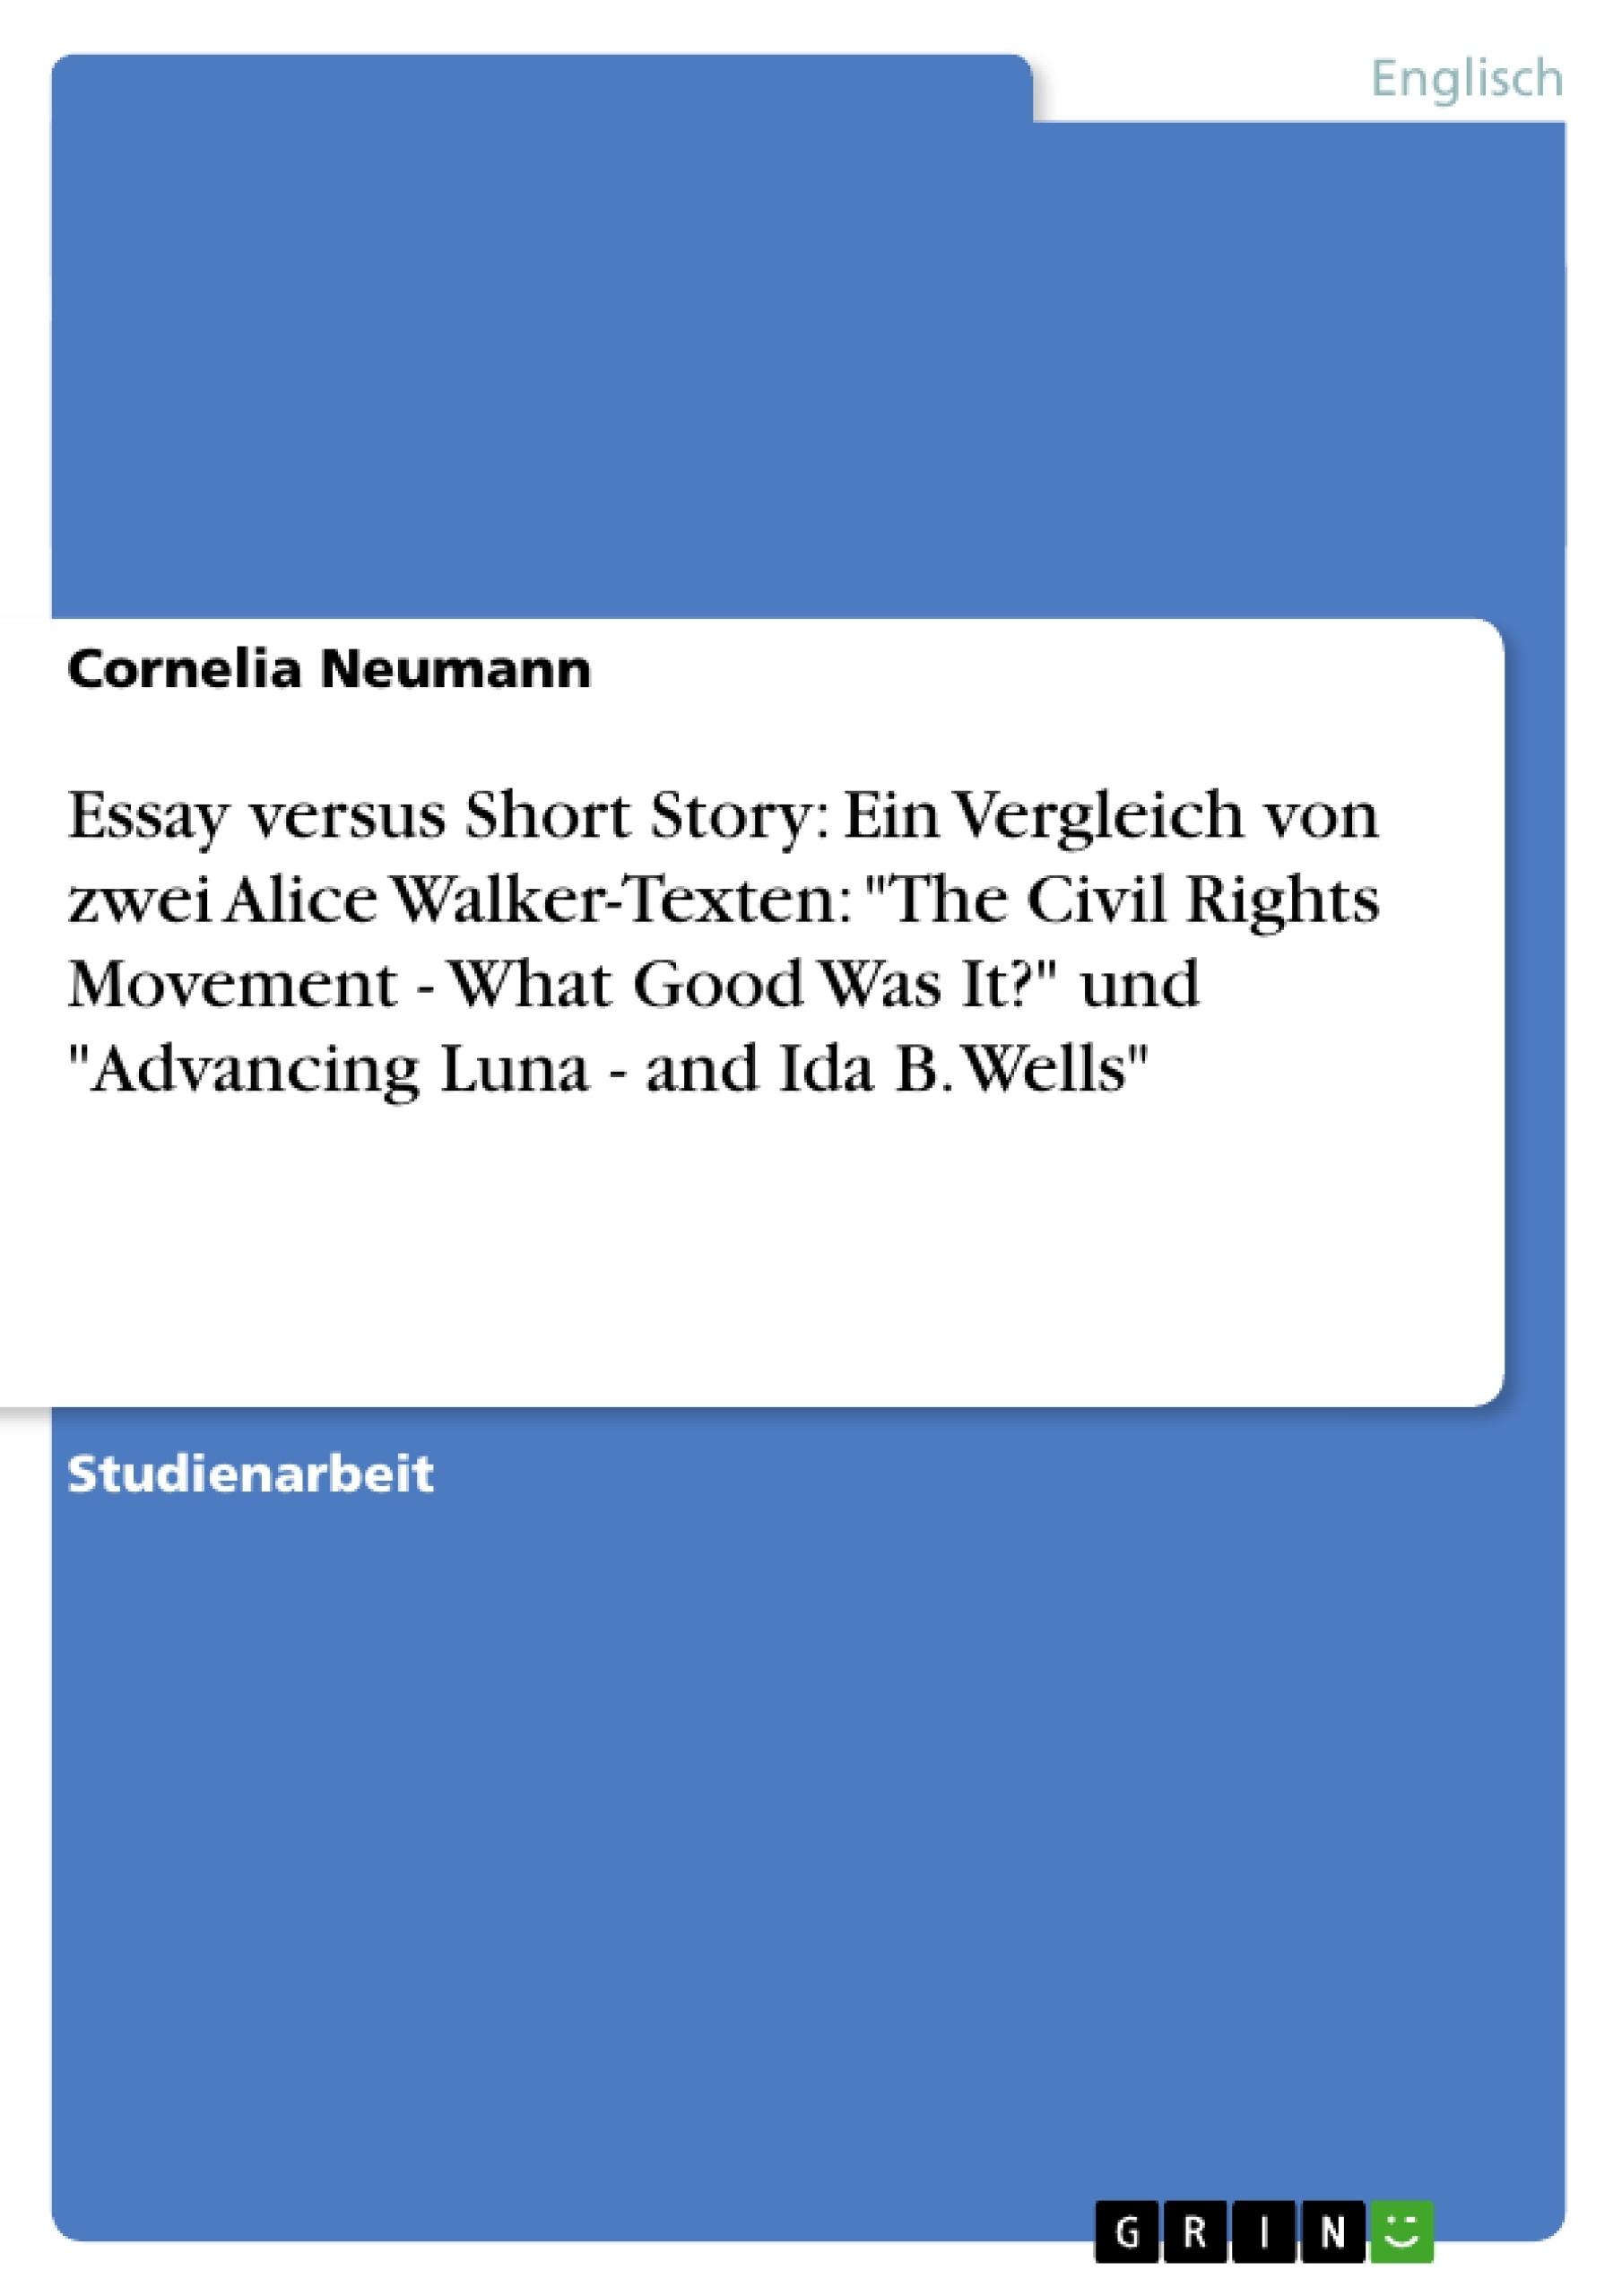 """Titel: Essay versus Short Story: Ein Vergleich von zwei Alice Walker-Texten: """"The Civil Rights Movement - What Good Was It?"""" und """"Advancing Luna - and Ida B. Wells"""""""